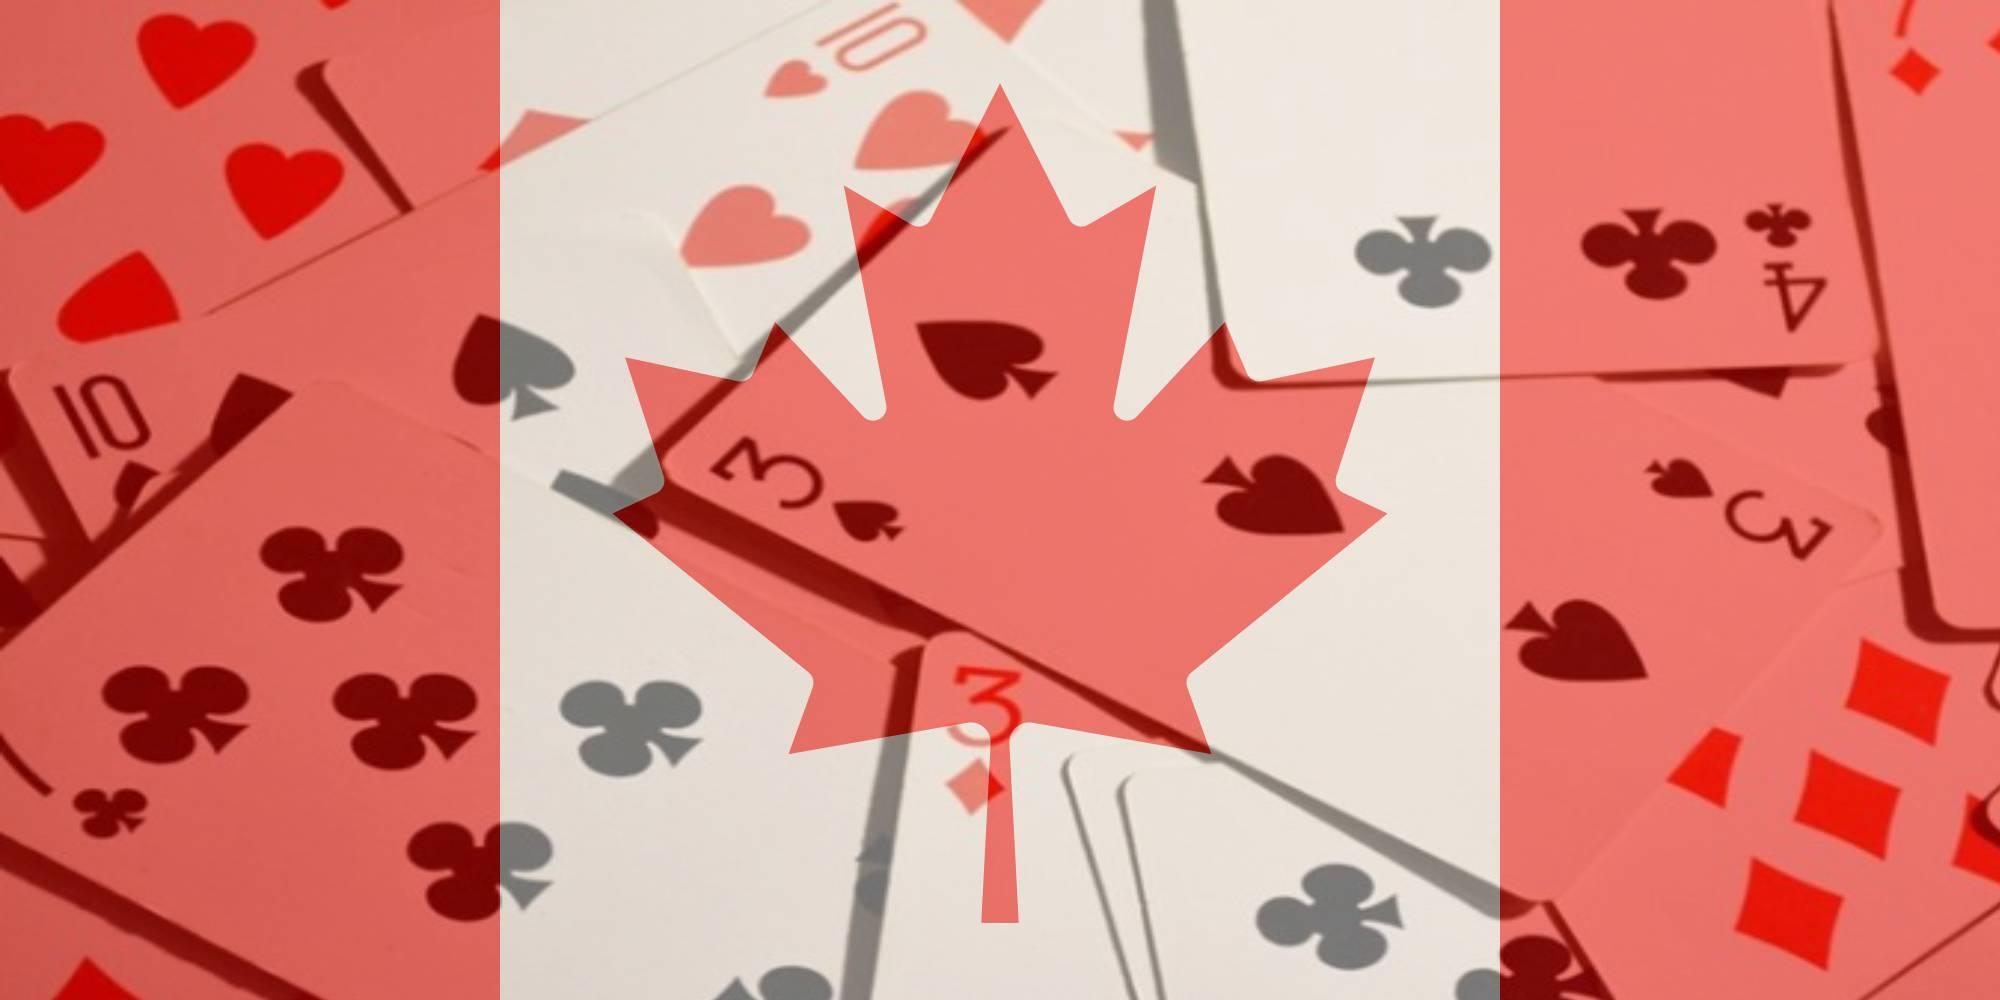 Kanada Flagge Karten